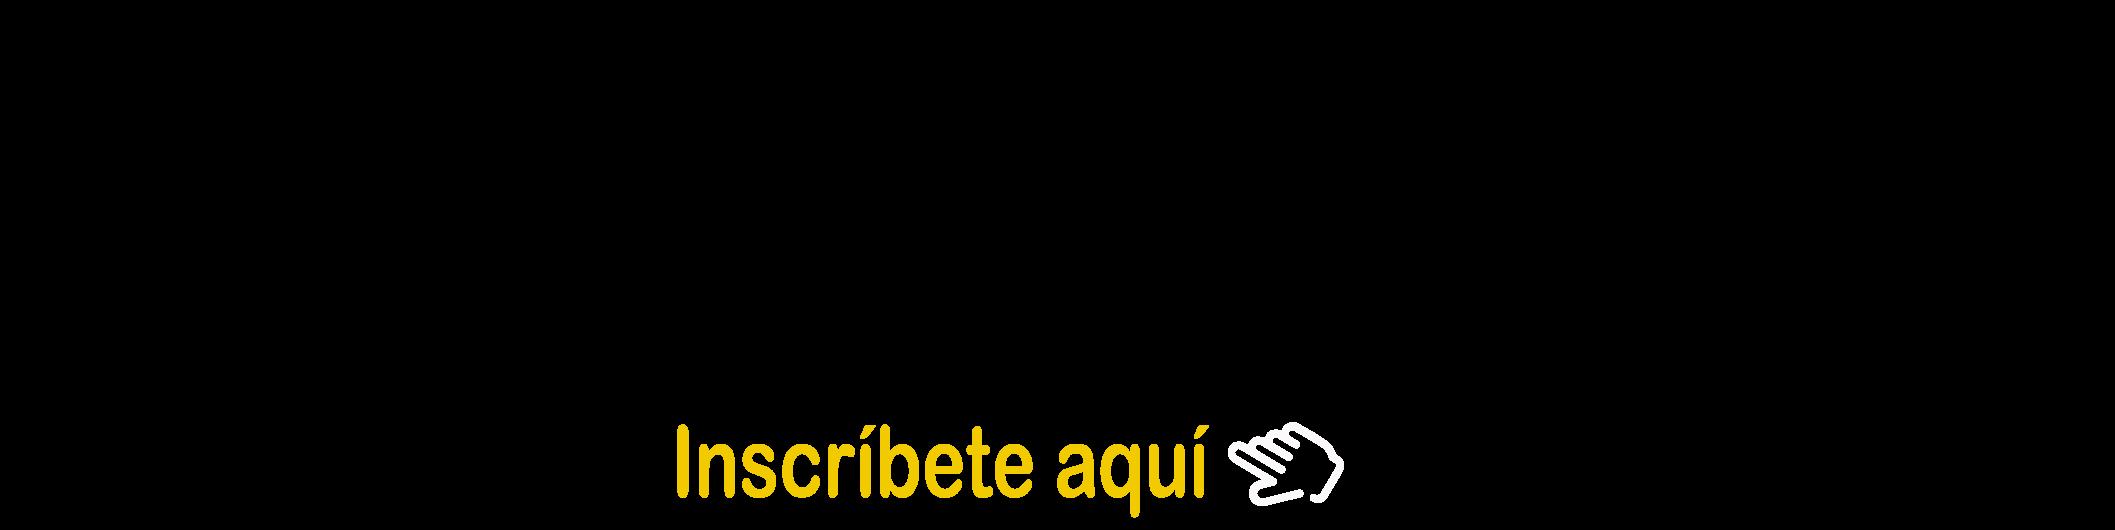 dibujoinfantil_2020_inscribete_click.png